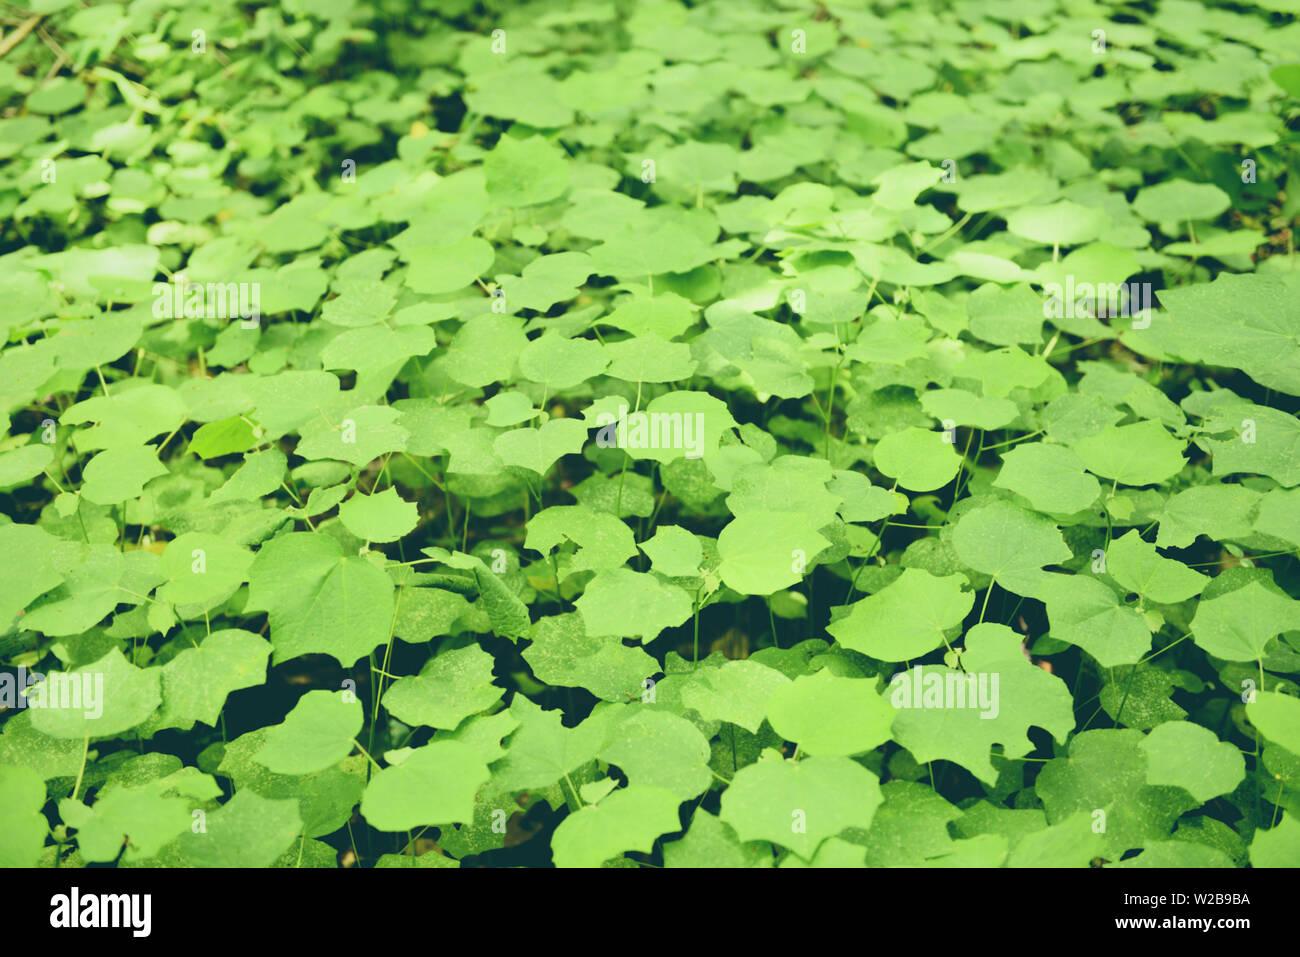 Natural Green Leaves Pattern Background Dark Leaf